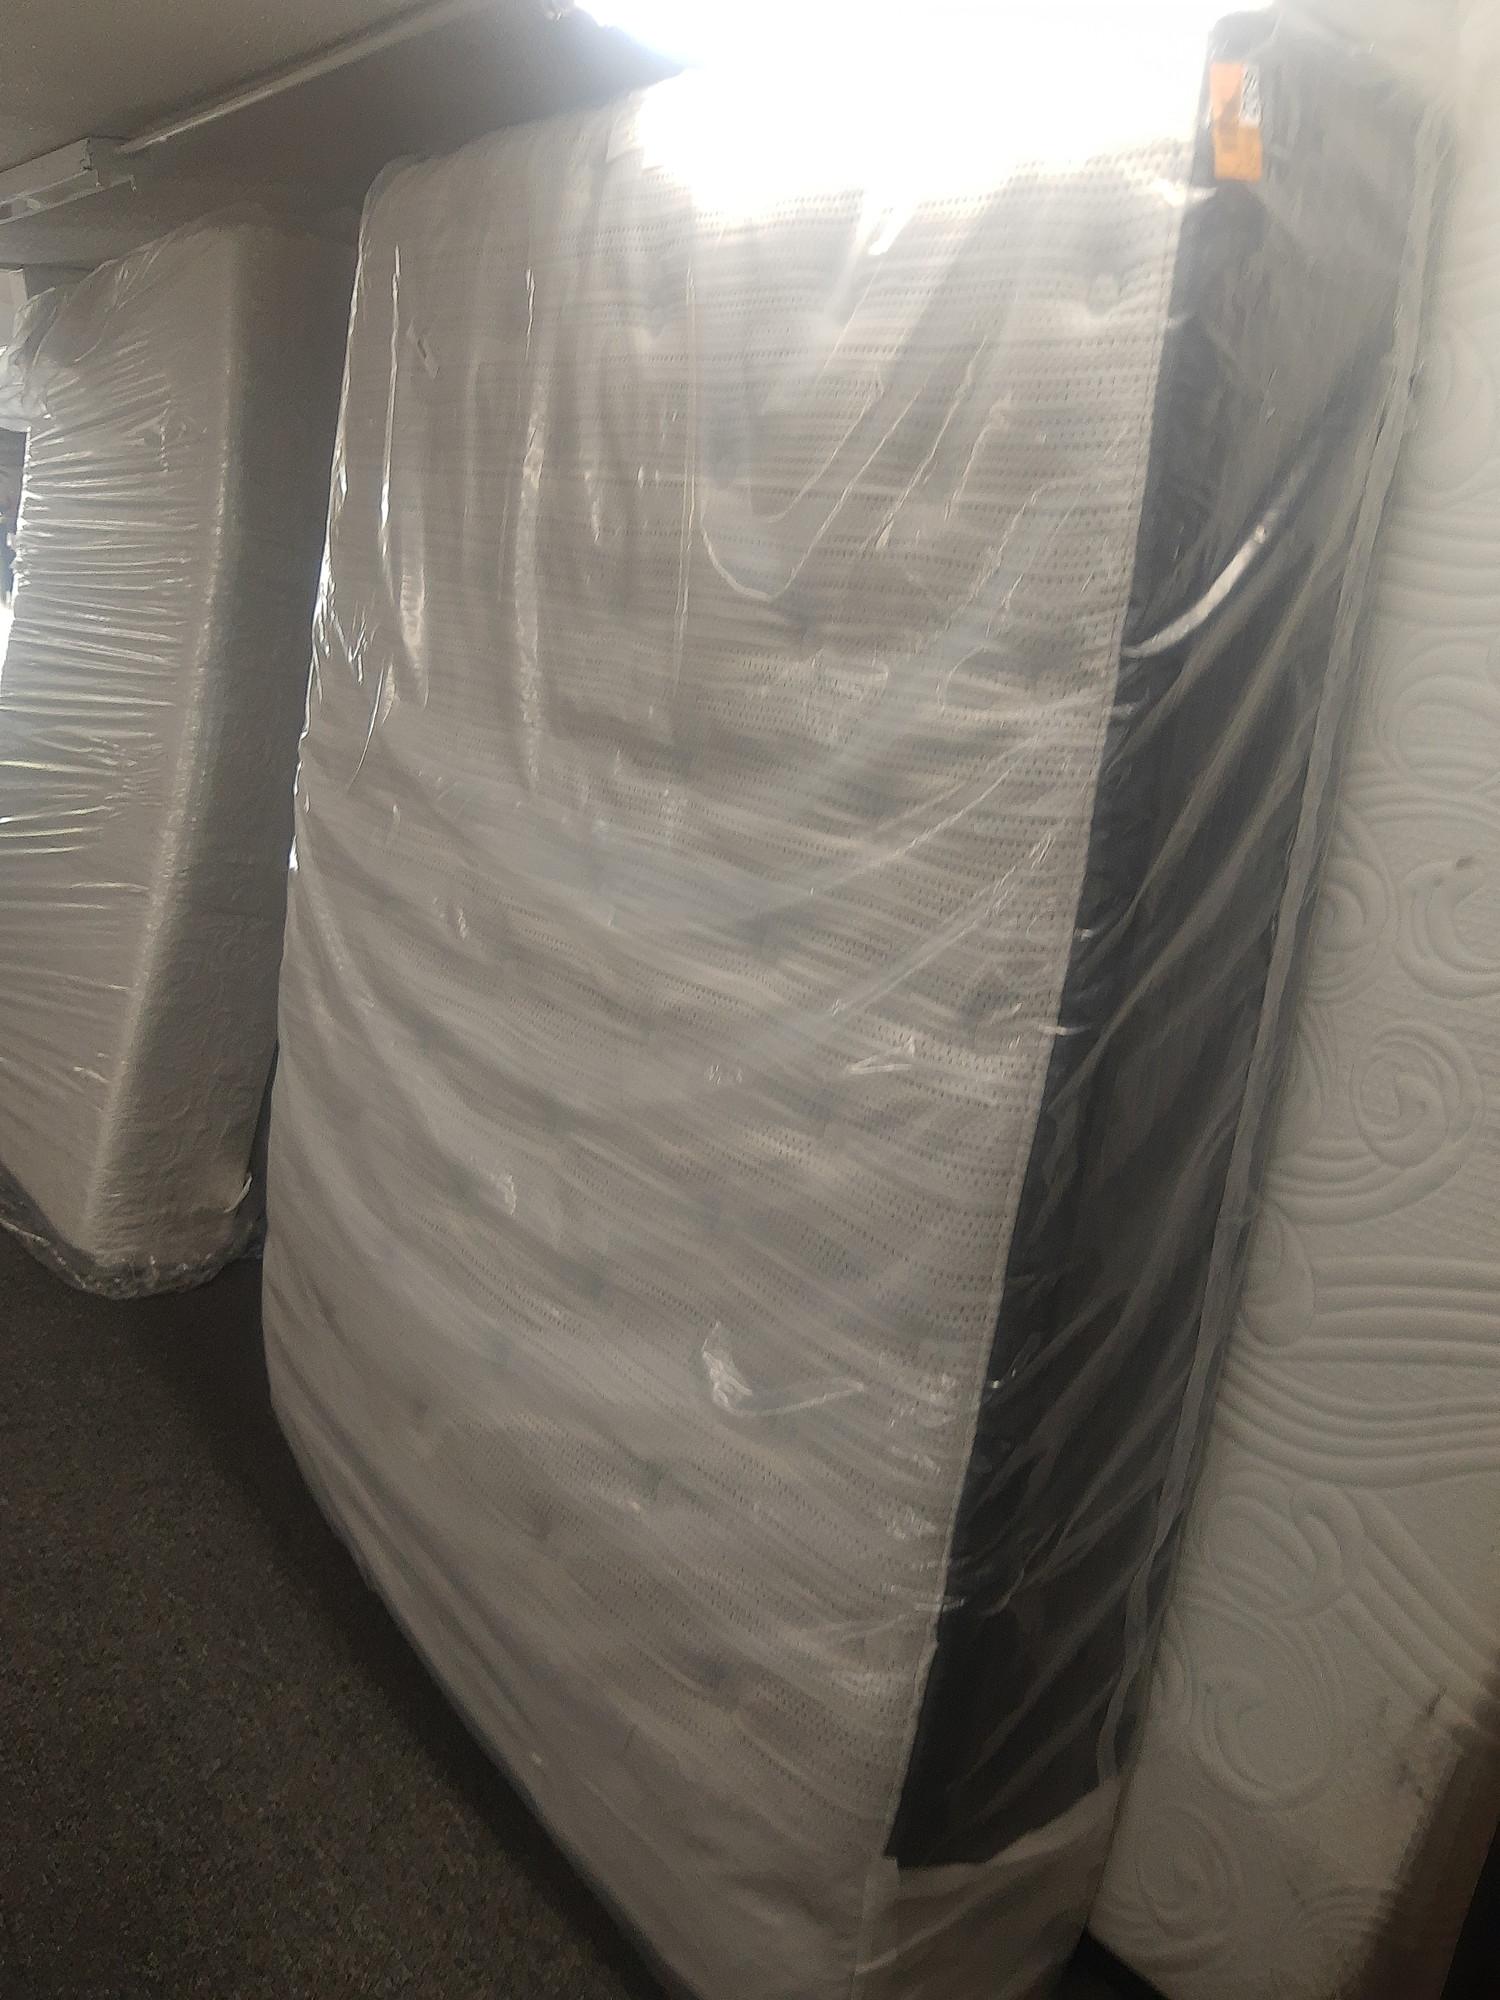 Beautyrest 15 Queen NEW, clean in packaging 800 retail